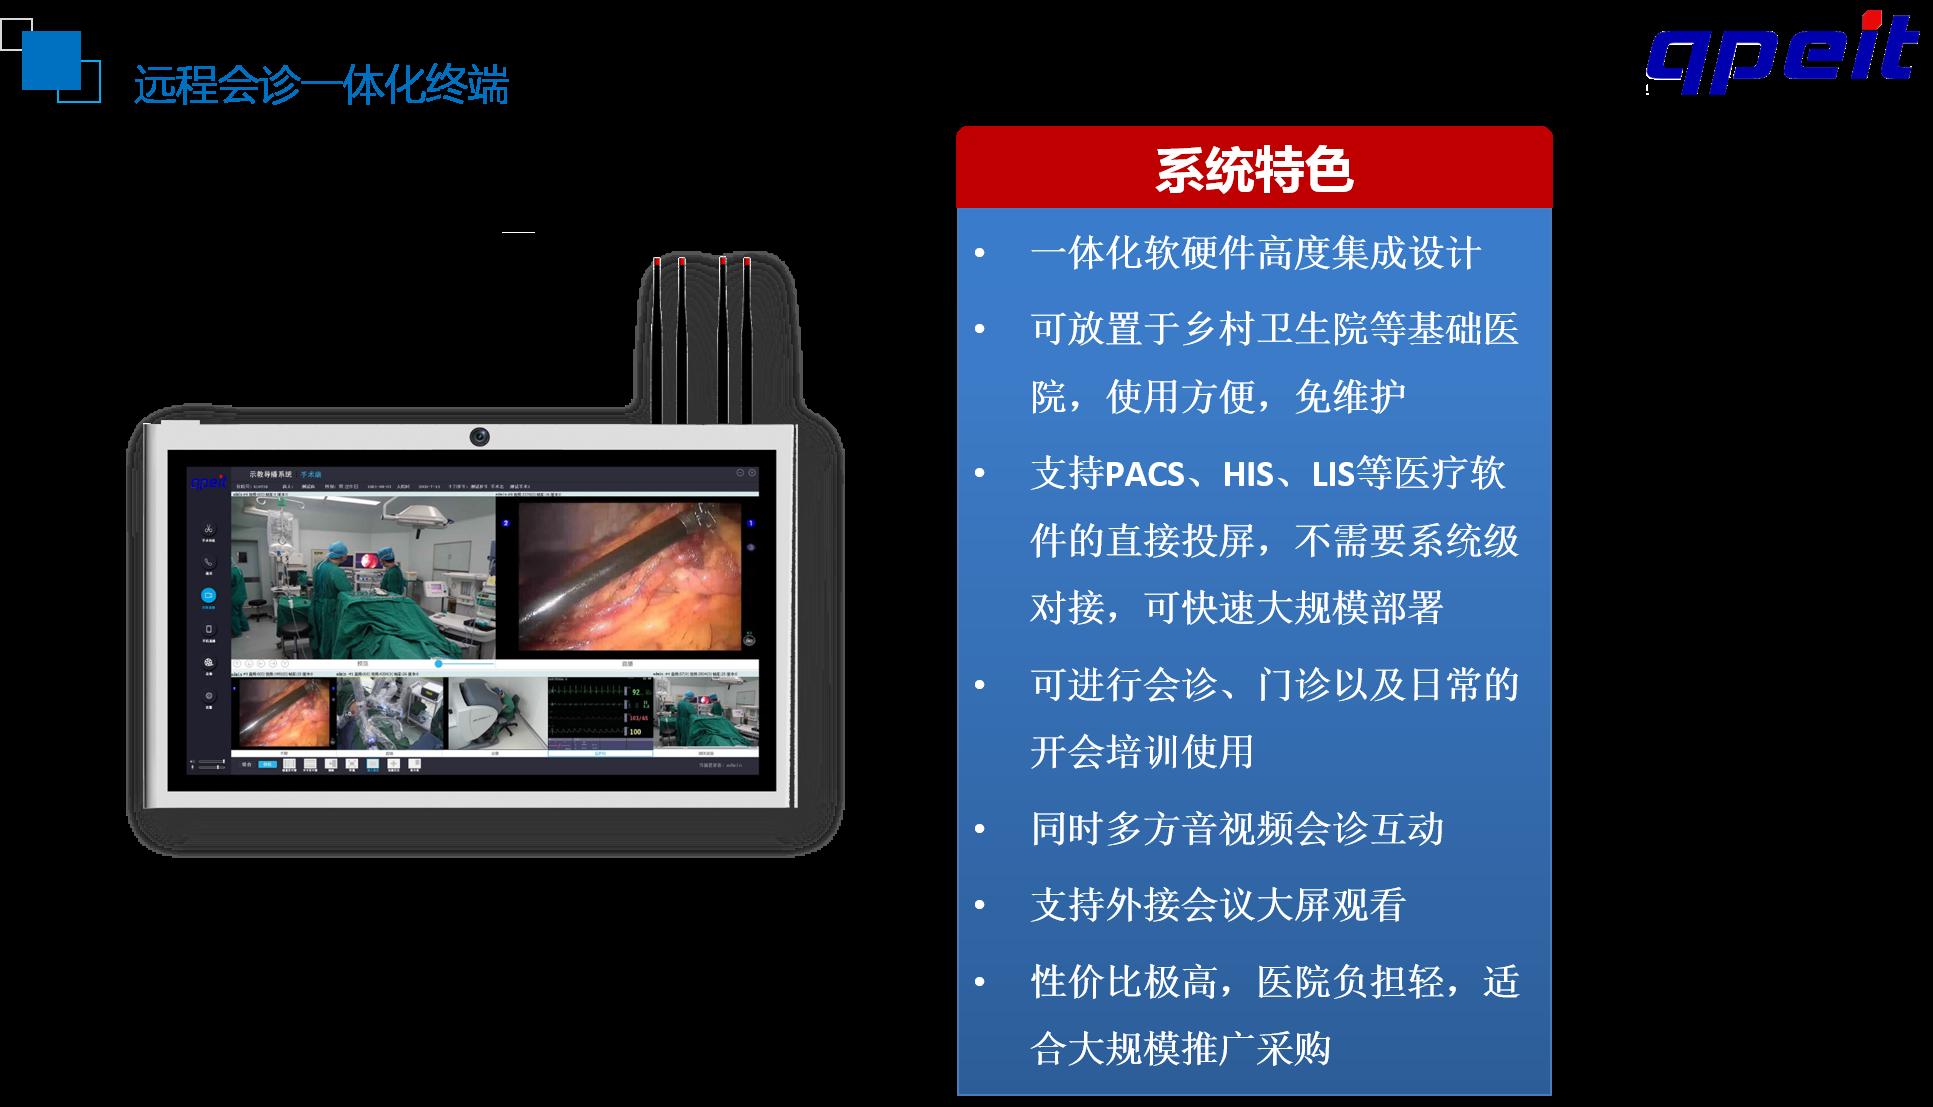 融媒体中心|广电编码器|无线录播|远程会诊|采集卡